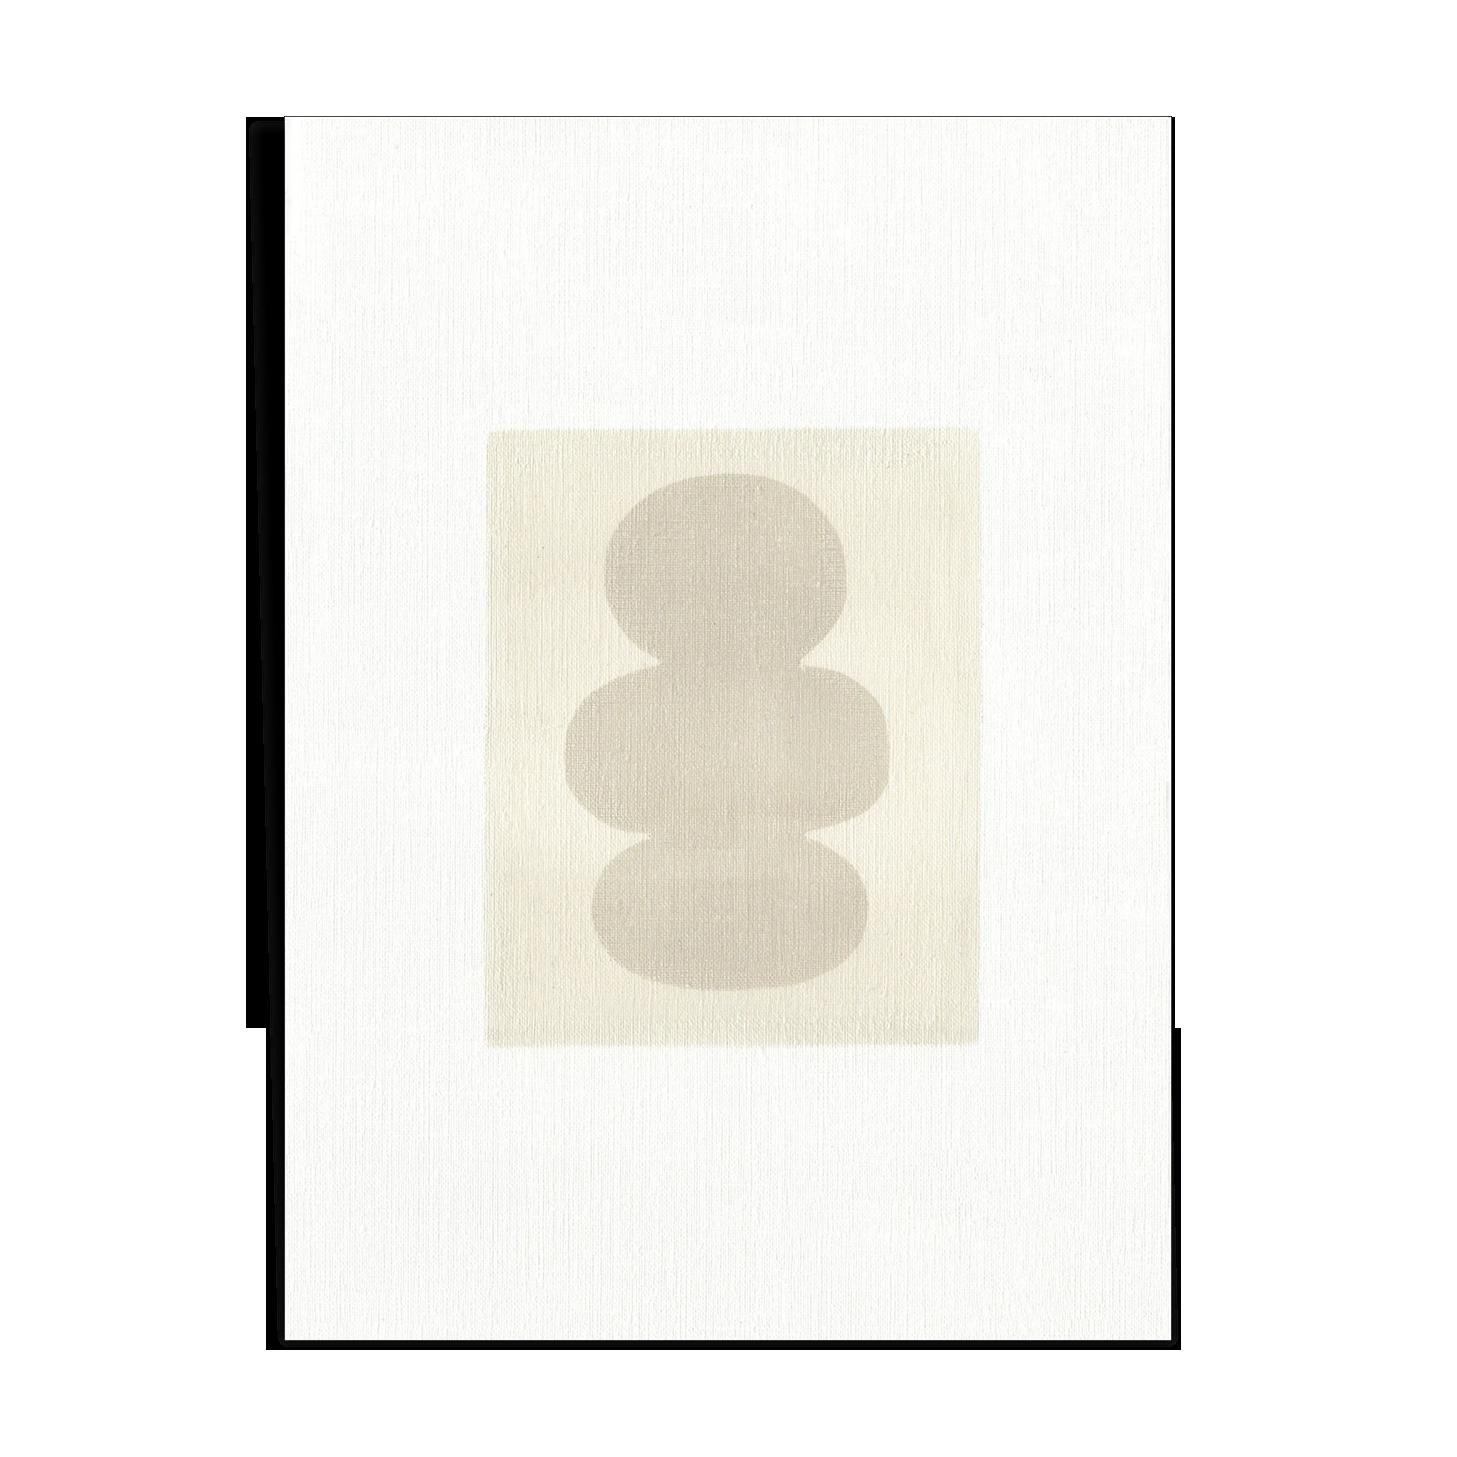 Composition abstraite par Eawy